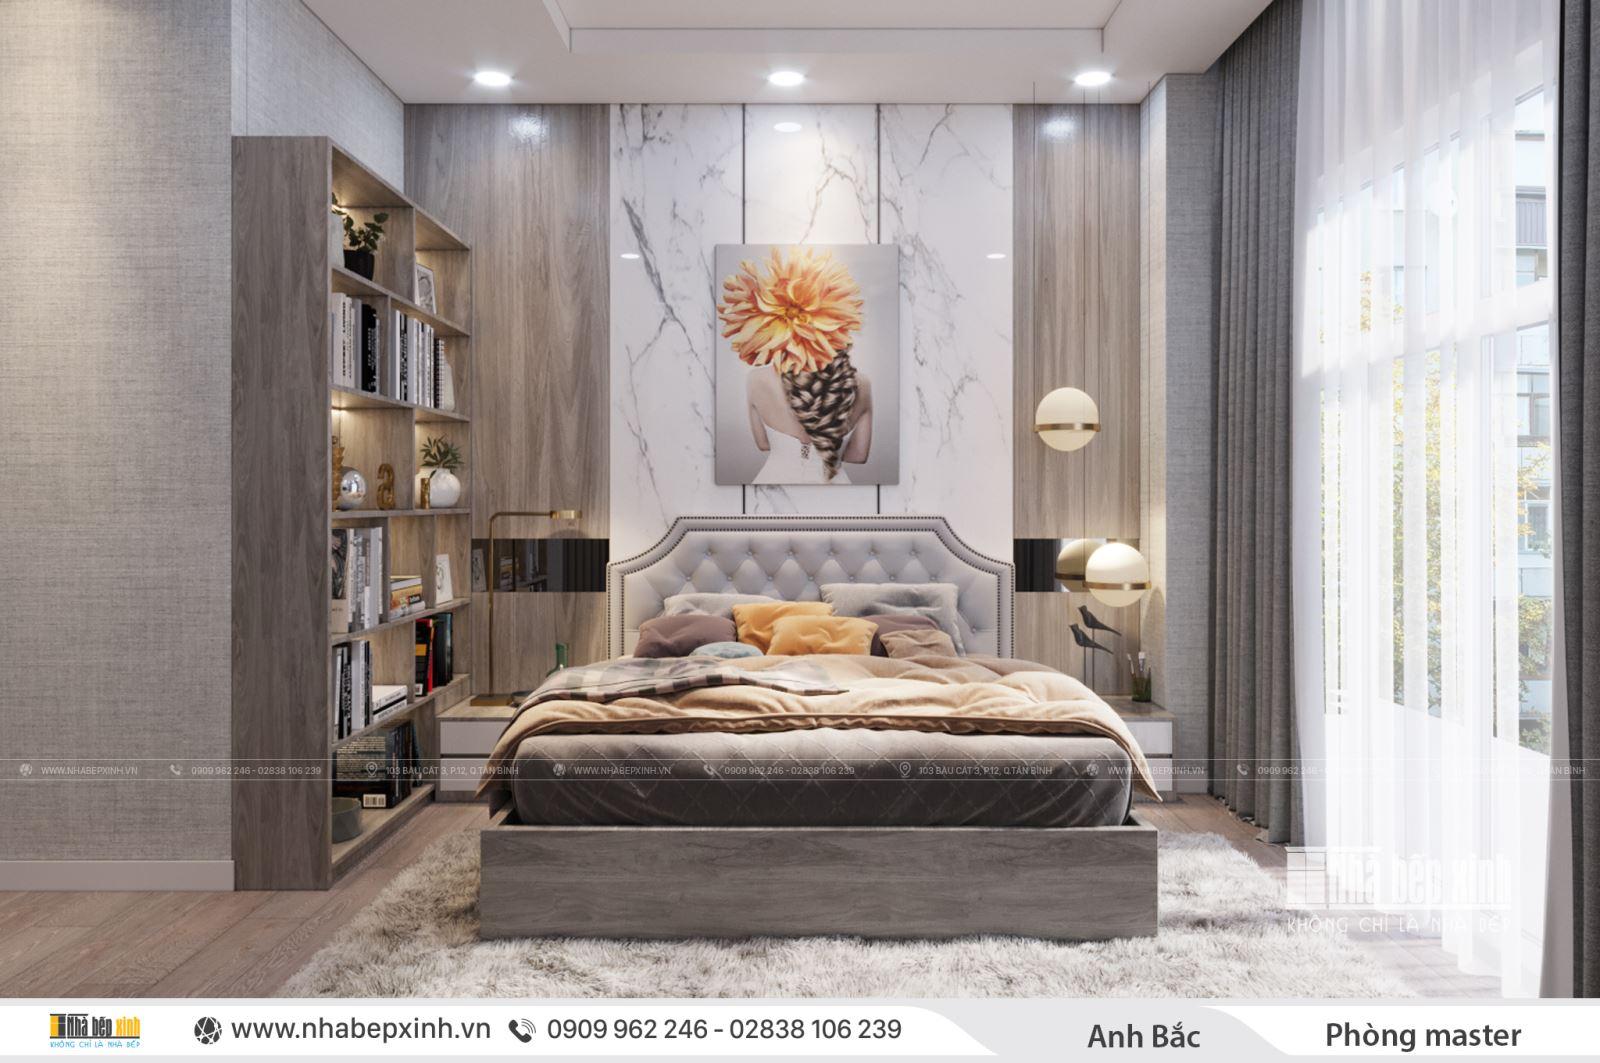 Thiết kế phòng ngủ người lớn hiện đại